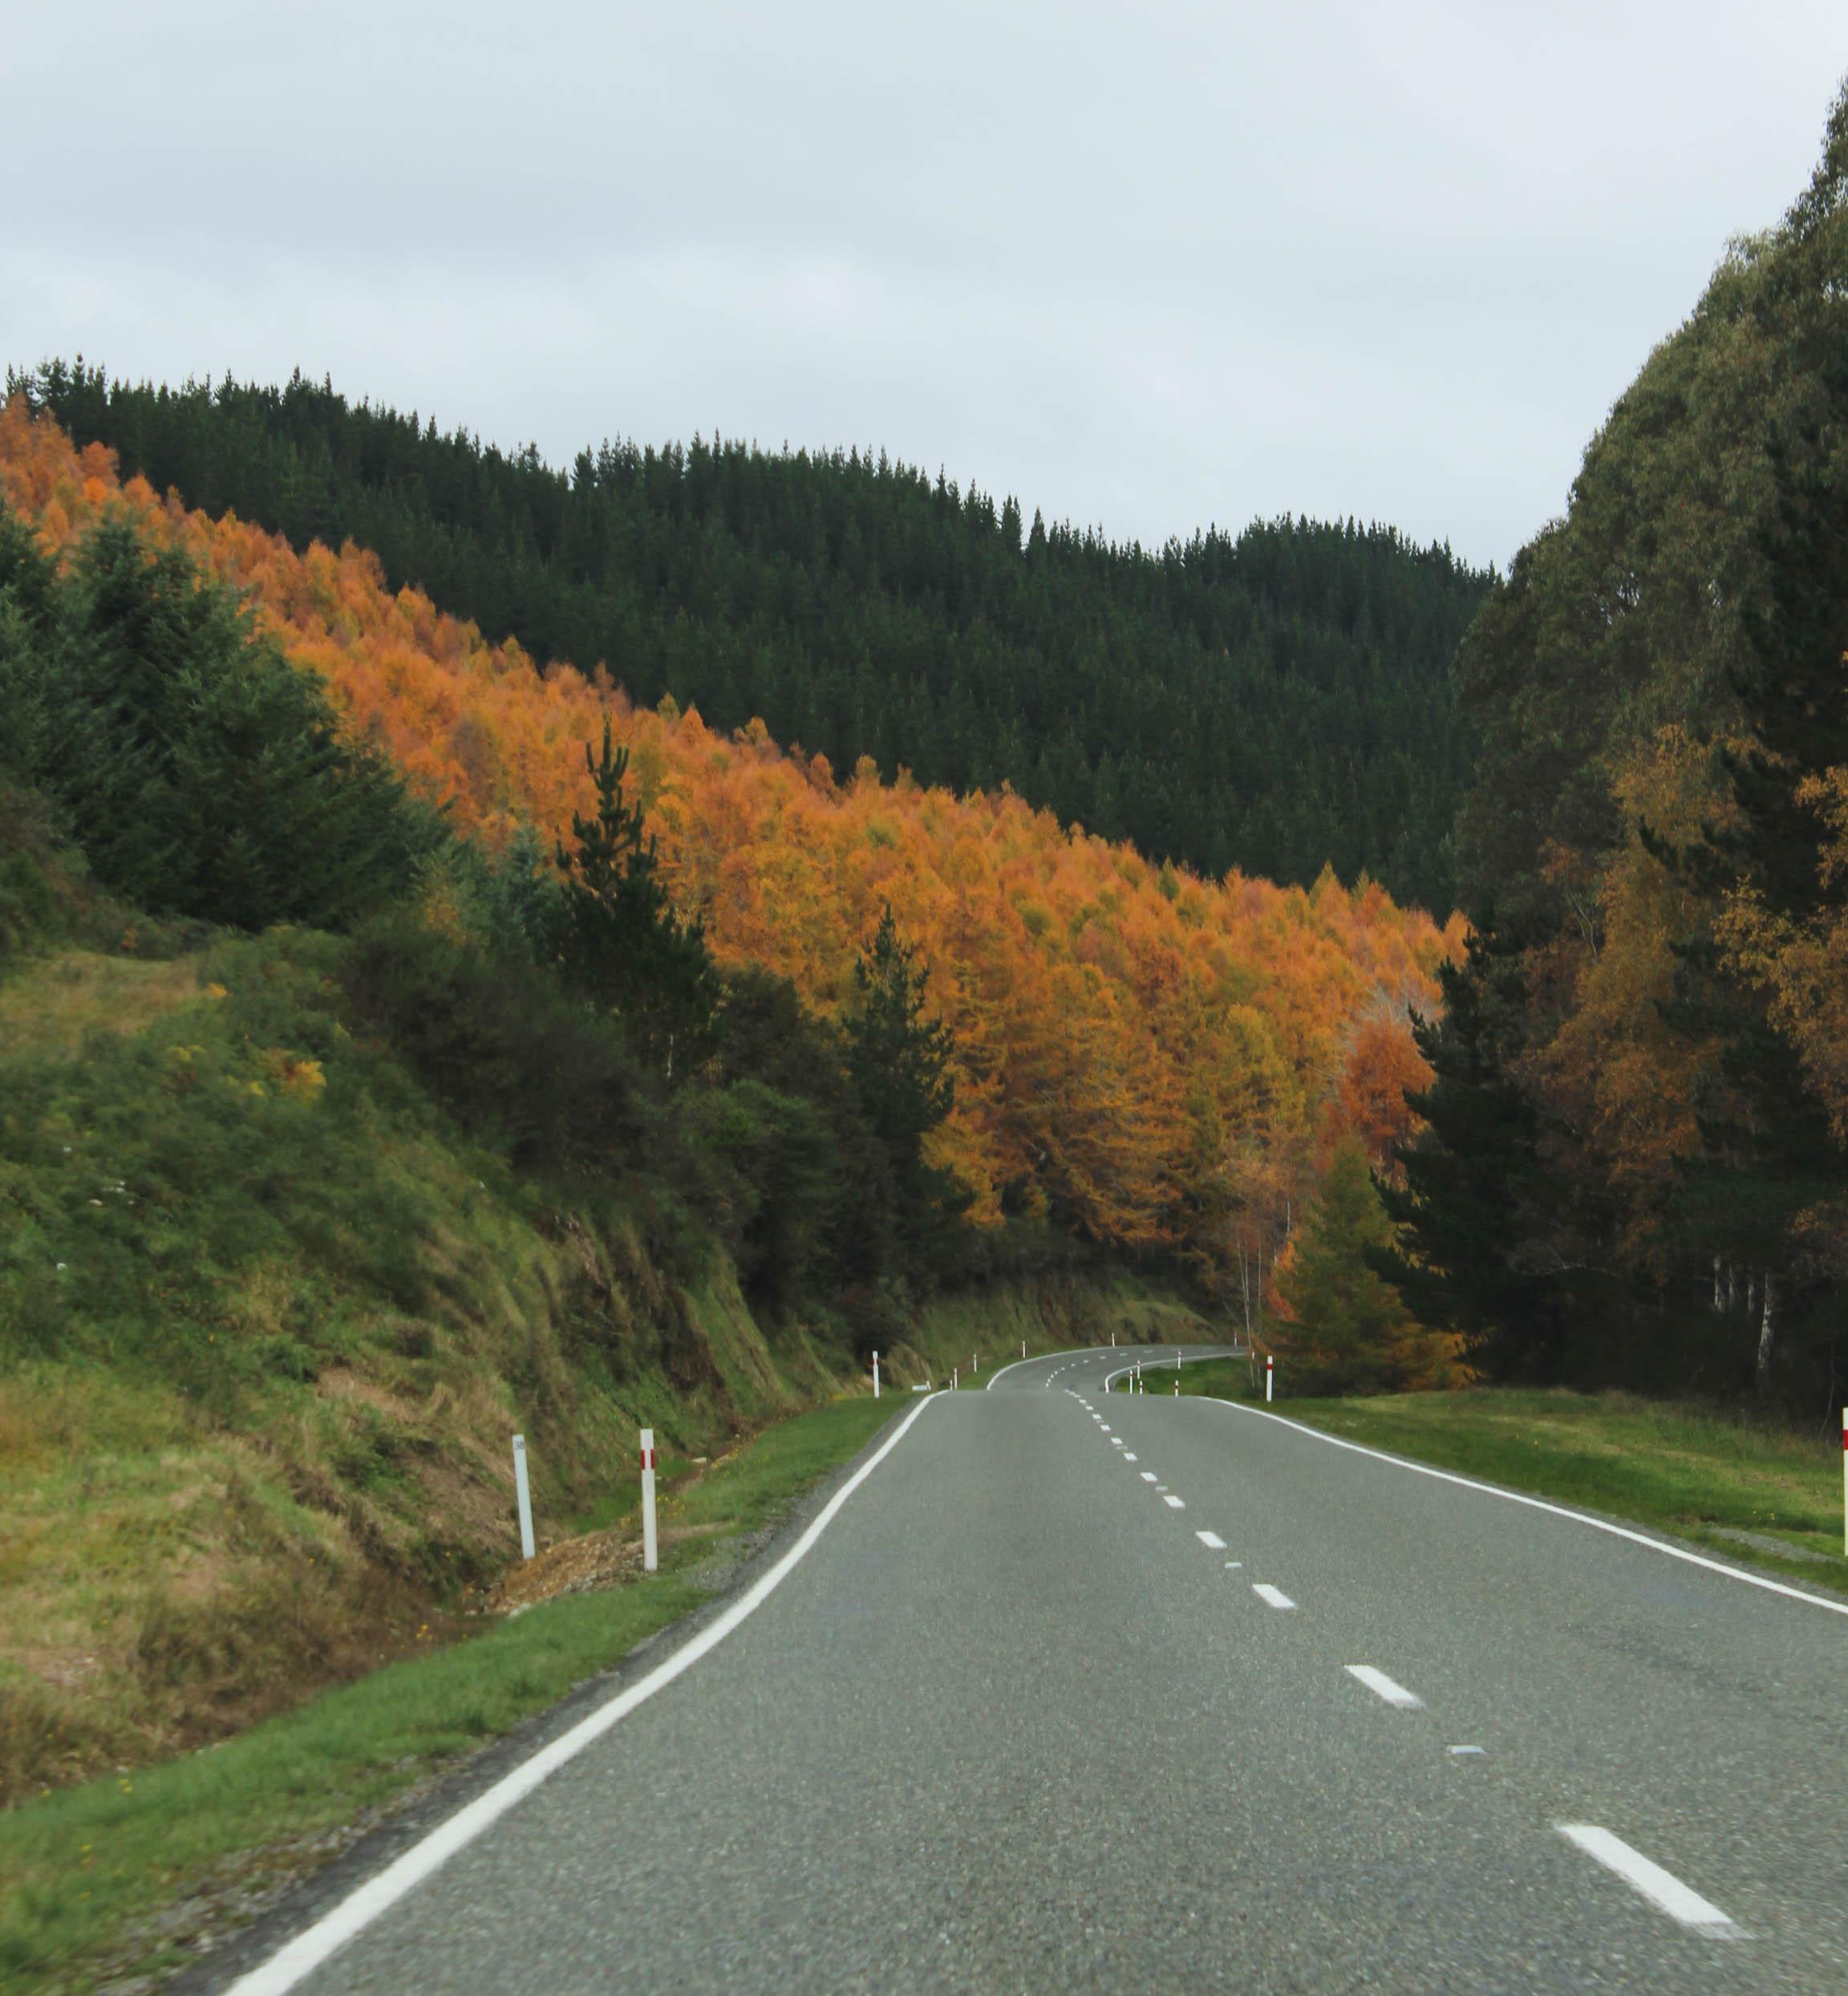 Nouvelle Zélande - Nelson & buller gorge swingbridge - les lubies de Louise (14 sur 42)